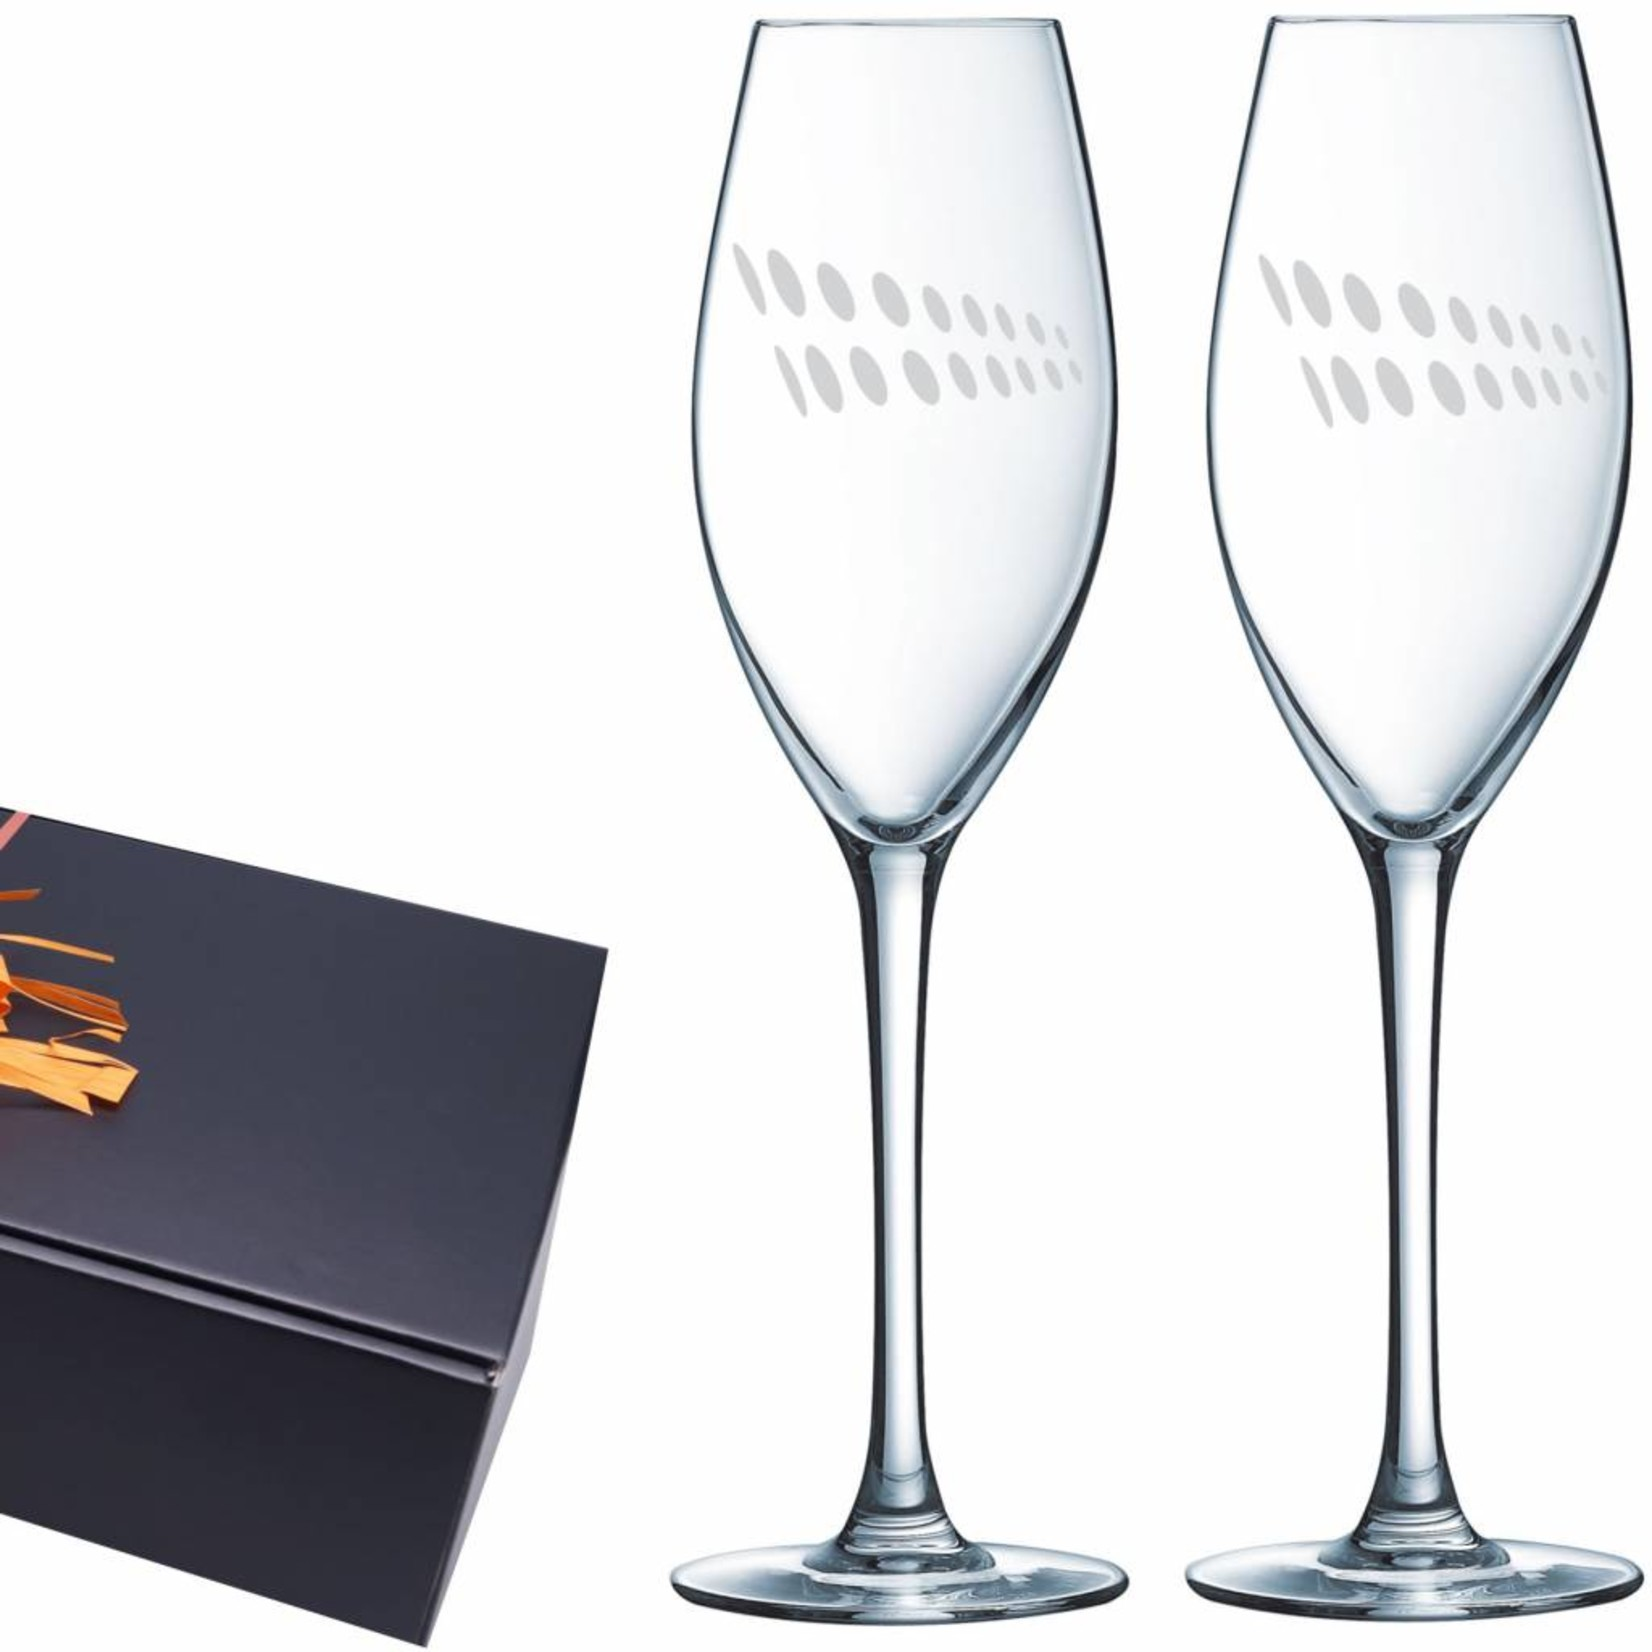 Ensembe cadeau verres à champagne Da Vinci